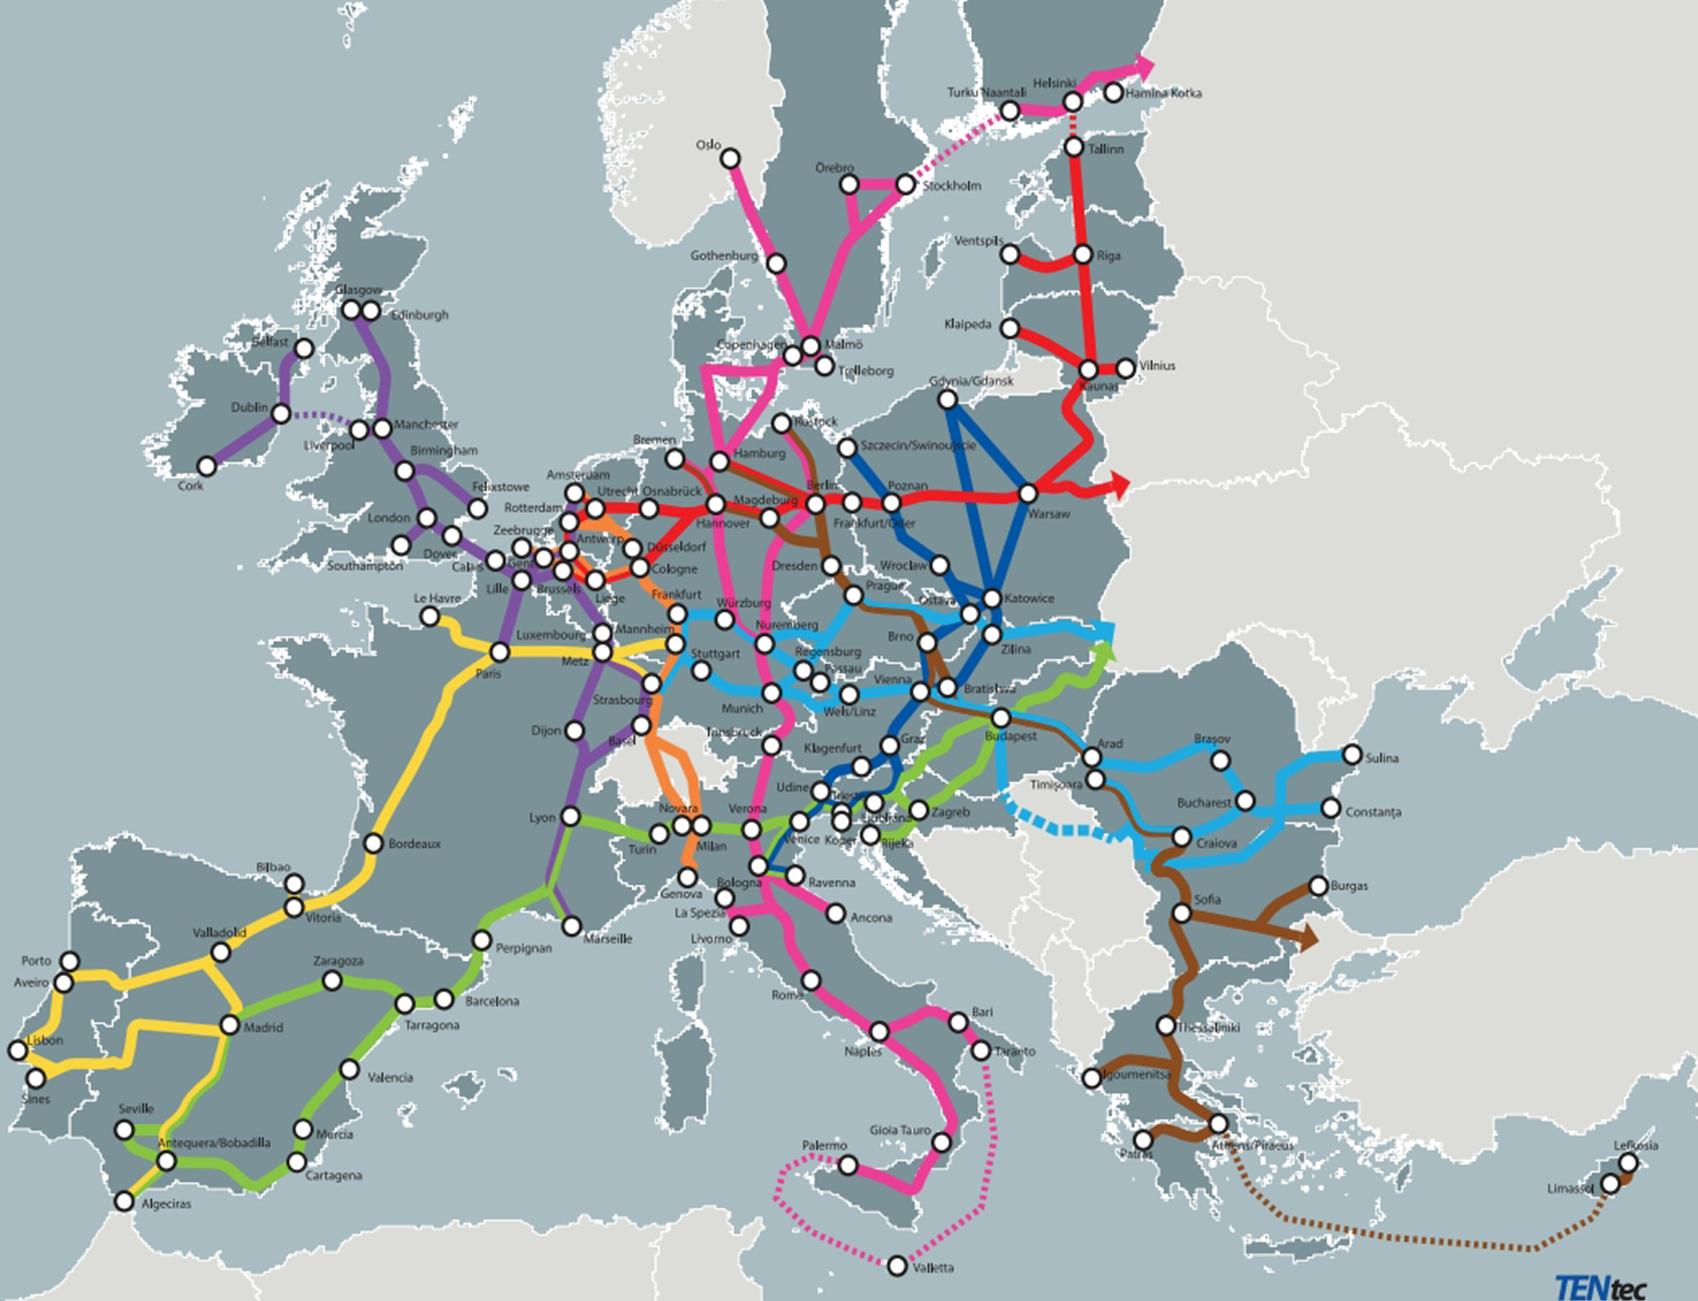 117 million d'Euros pour des infrastructures de transport durable